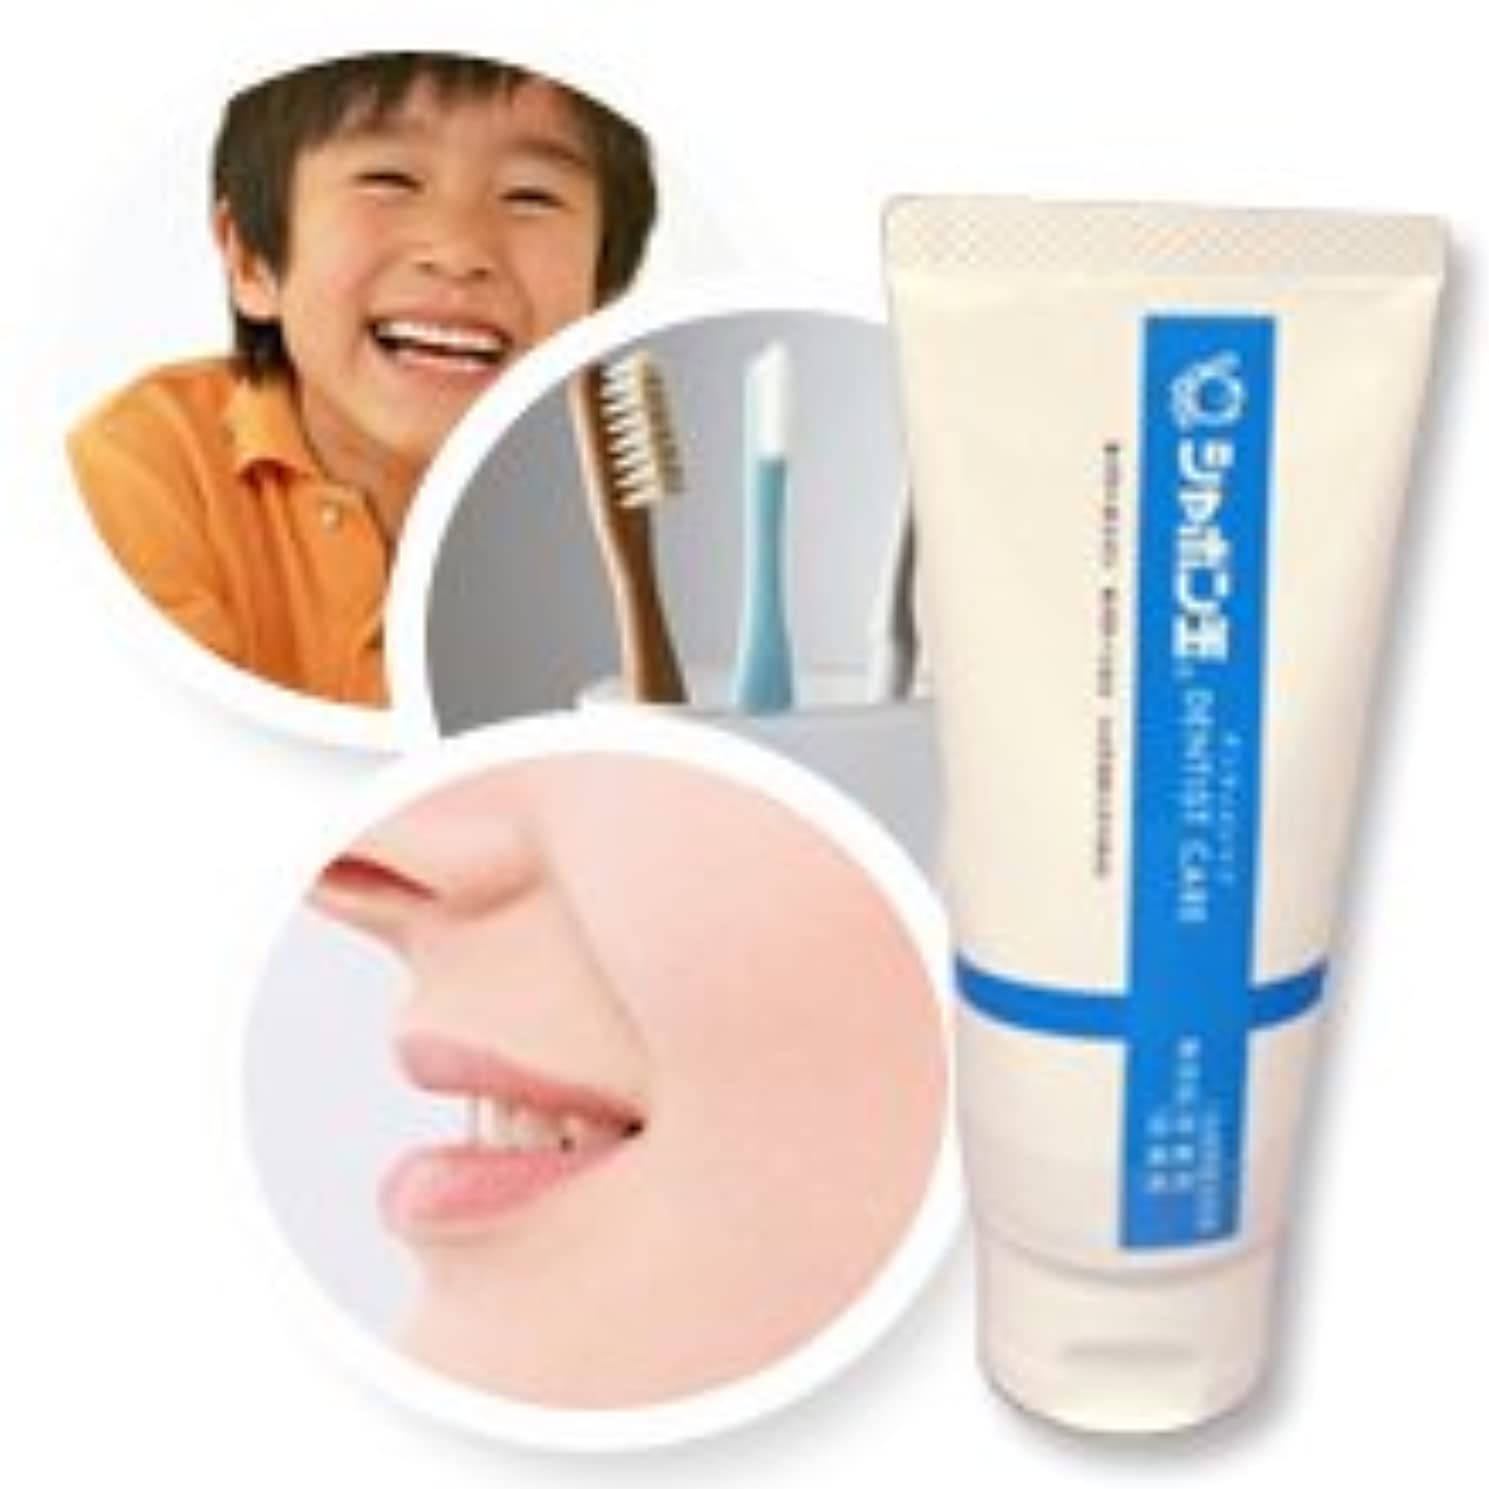 アイスクリーム勧告腹痛歯科医が開発した歯周病や口臭?虫歯が気になる方へ【歯磨き粉】【シャボン玉デンティストケア】